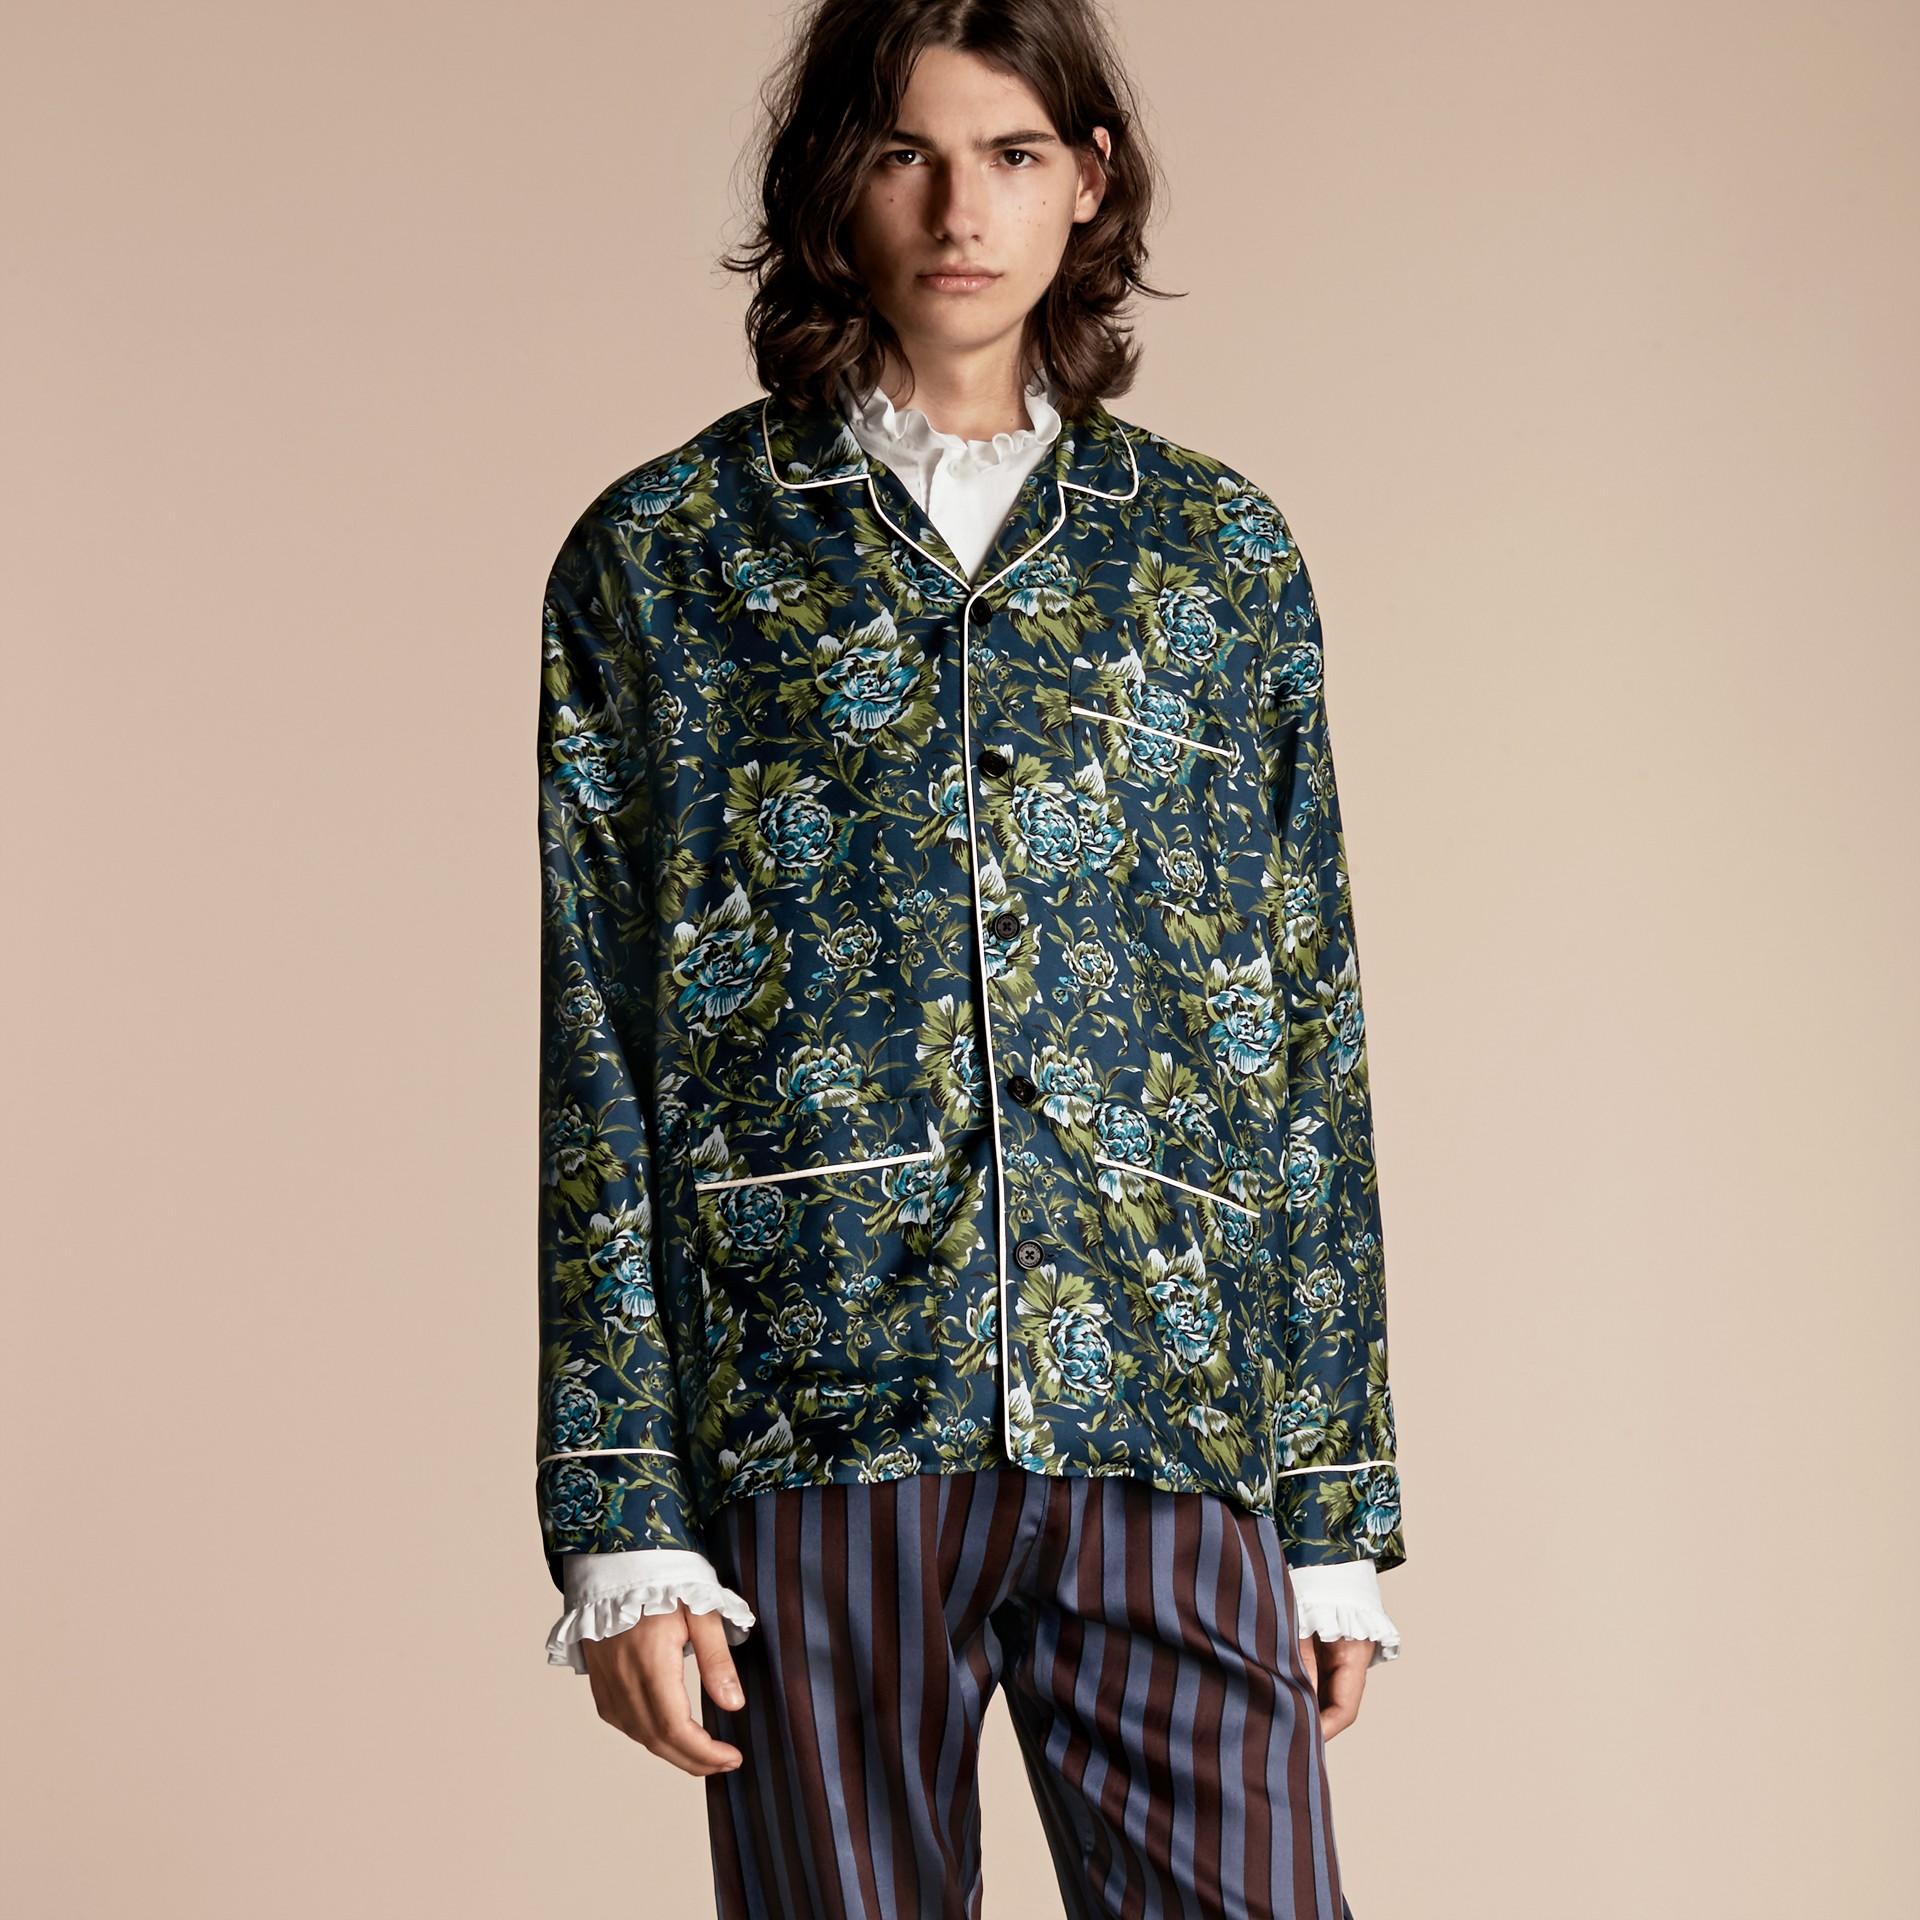 Peony Rose Silk Twill Pyjama-style Shirt - gallery image 1